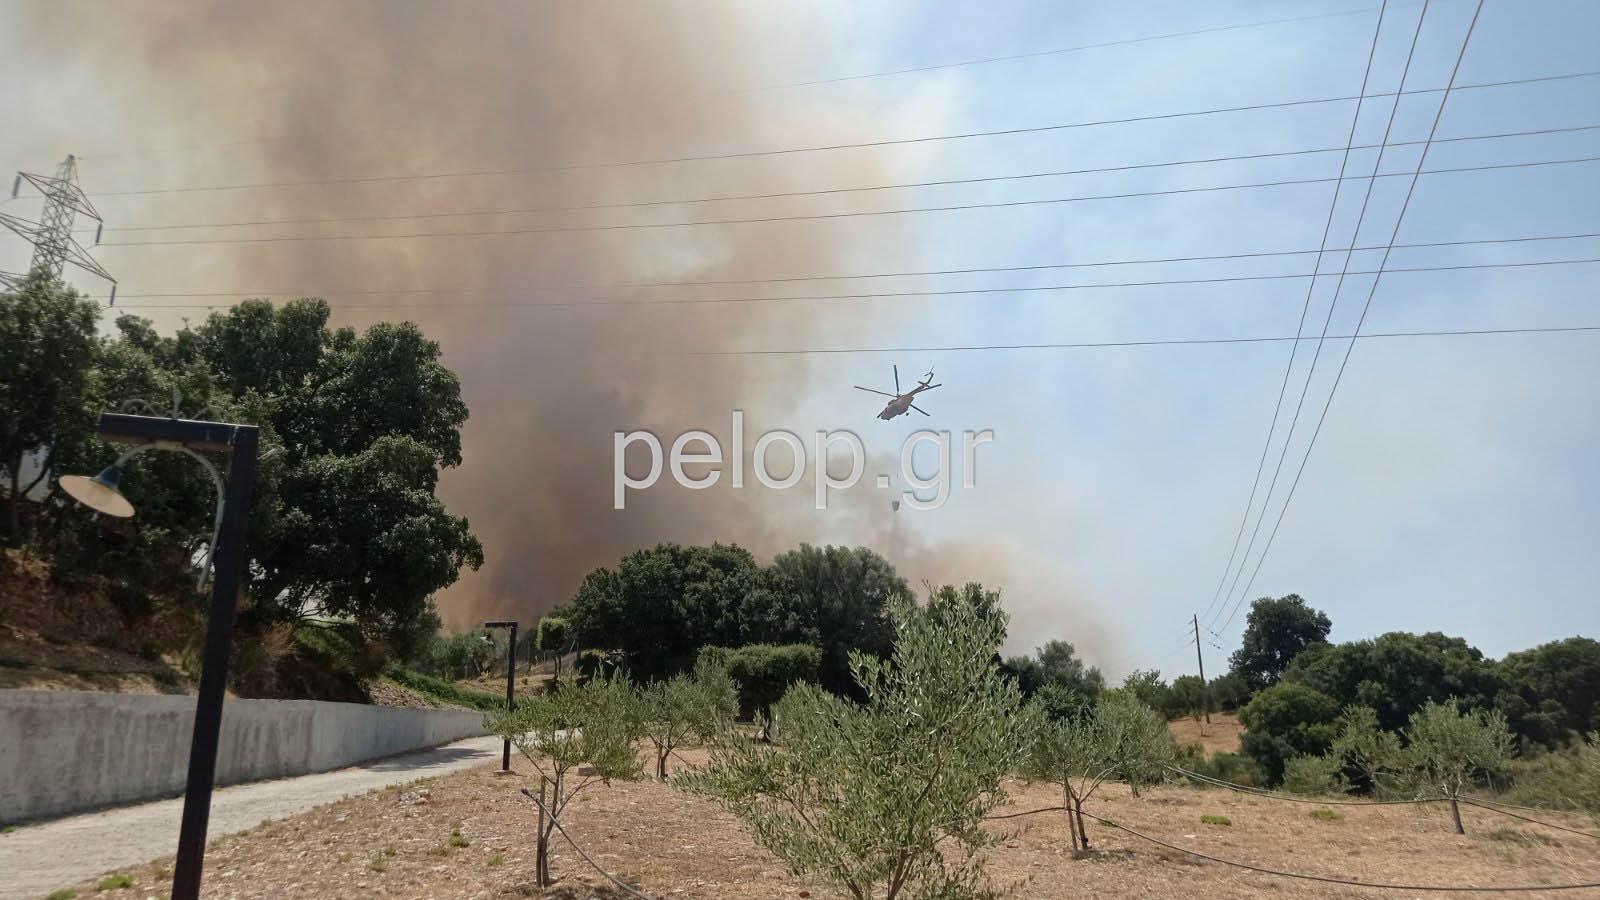 """Πάτρα: Οριοθετήθηκε η φωτιά στα Συχαινά - Προηγήθηκε εκκένωση του """"Αγίου Ηλία"""" - ΦΩΤΟ - ΒΙΝΤΕΟ - ΝΕΟΤΕΡΑ"""